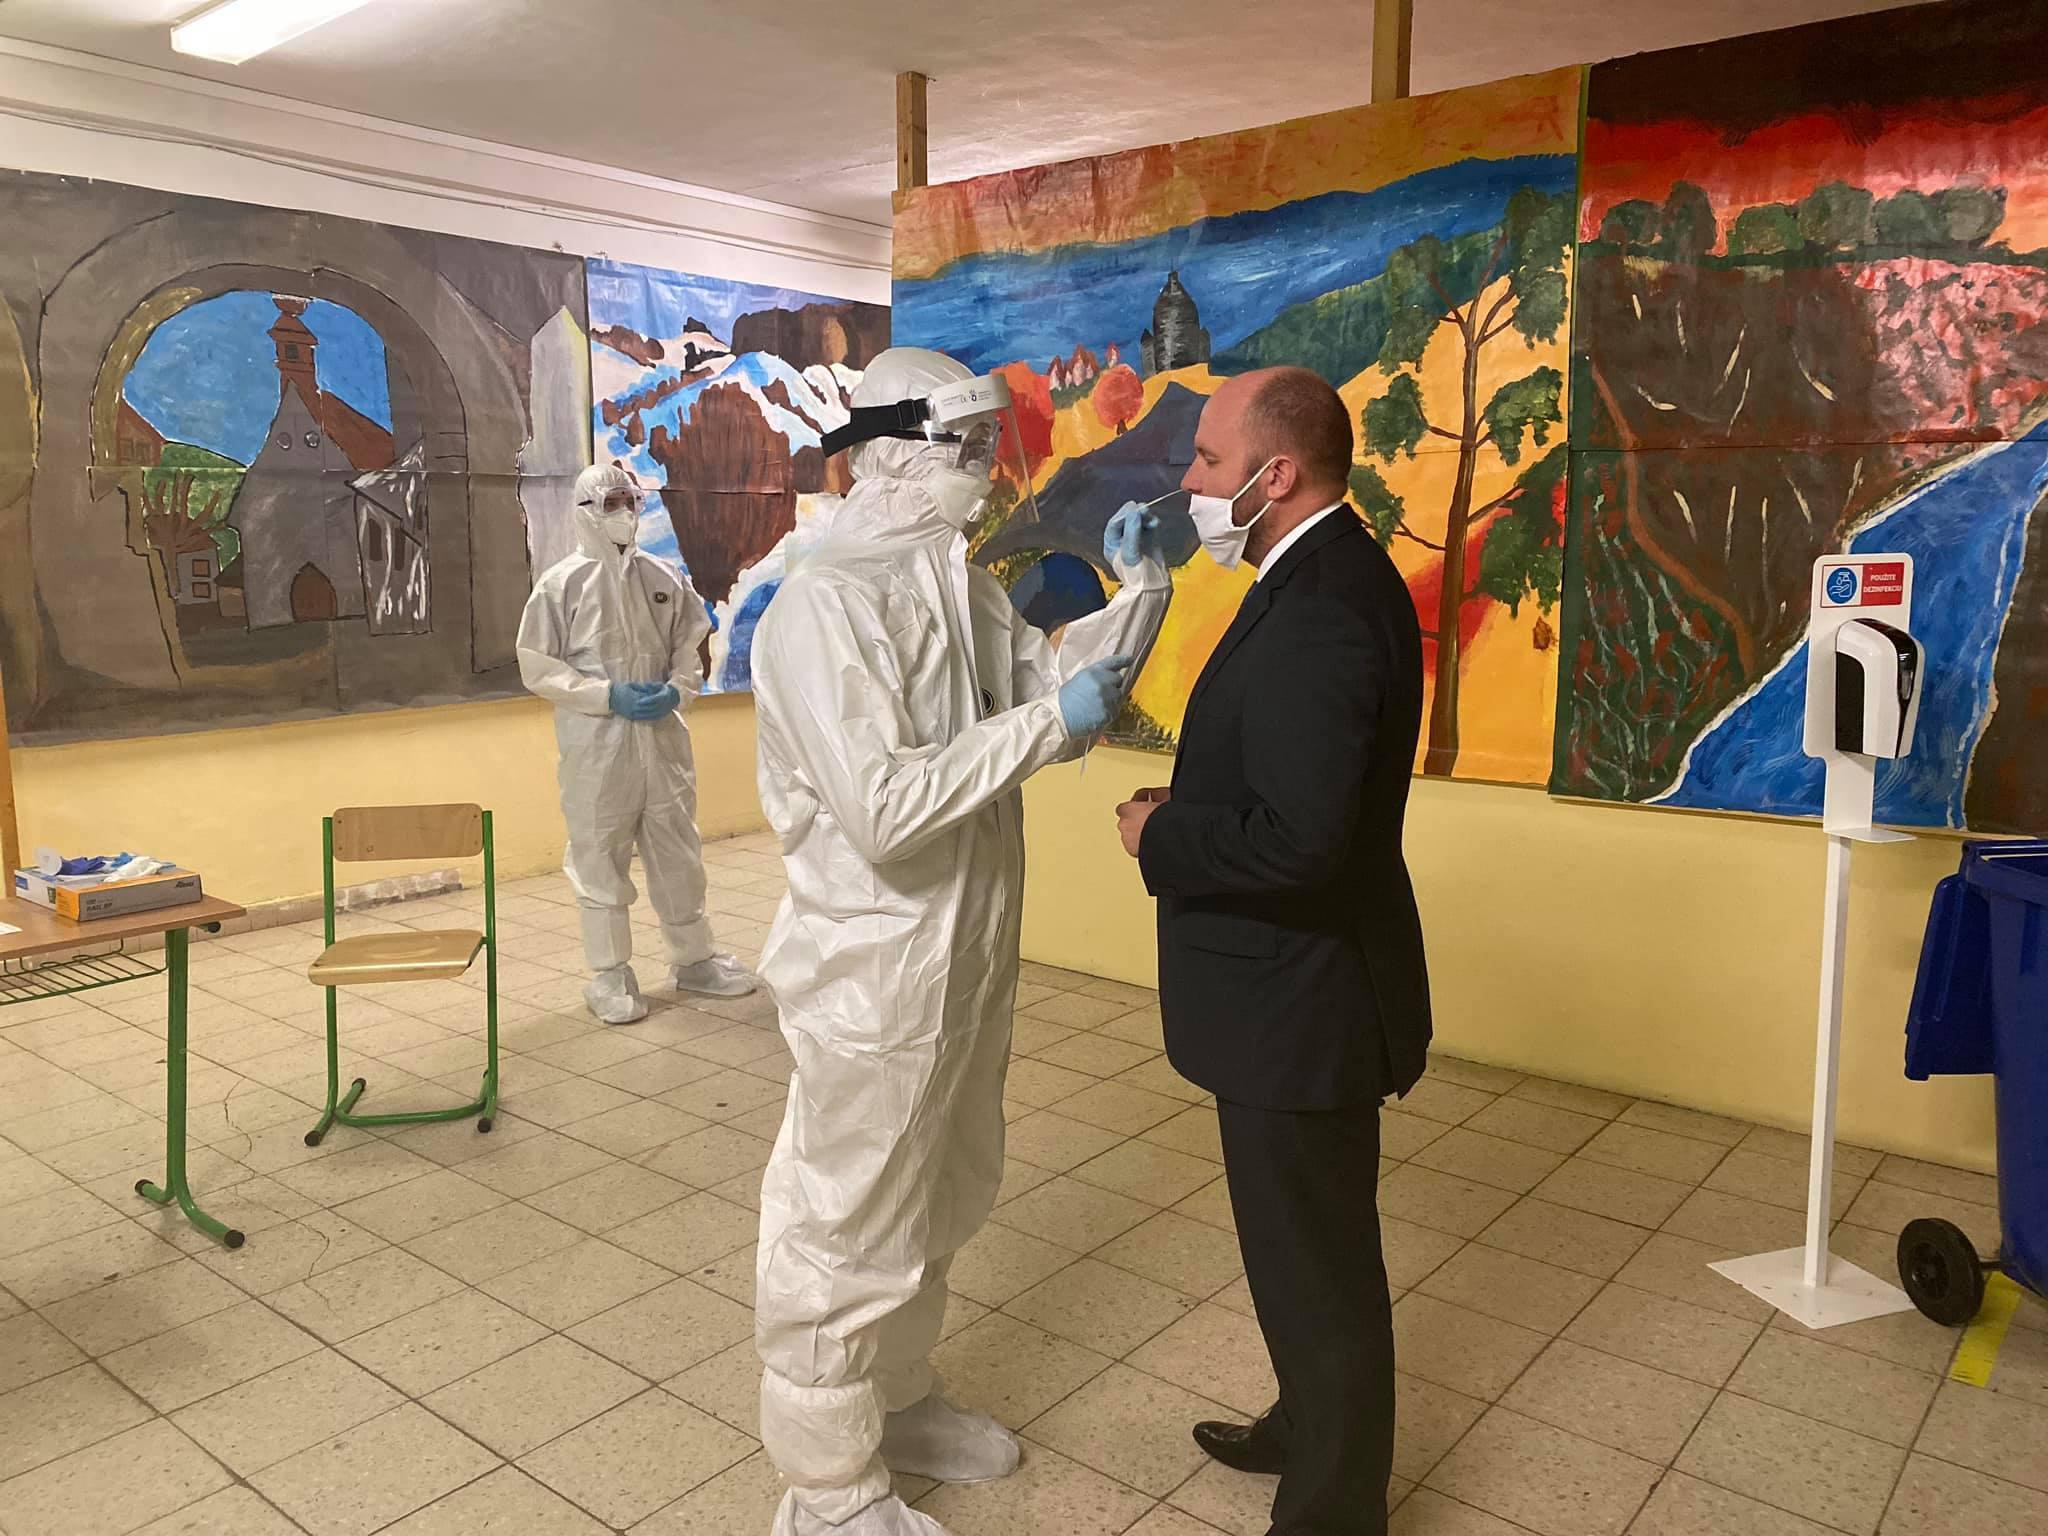 斯洛伐克国防部长因接触新冠病毒感染者开始隔离